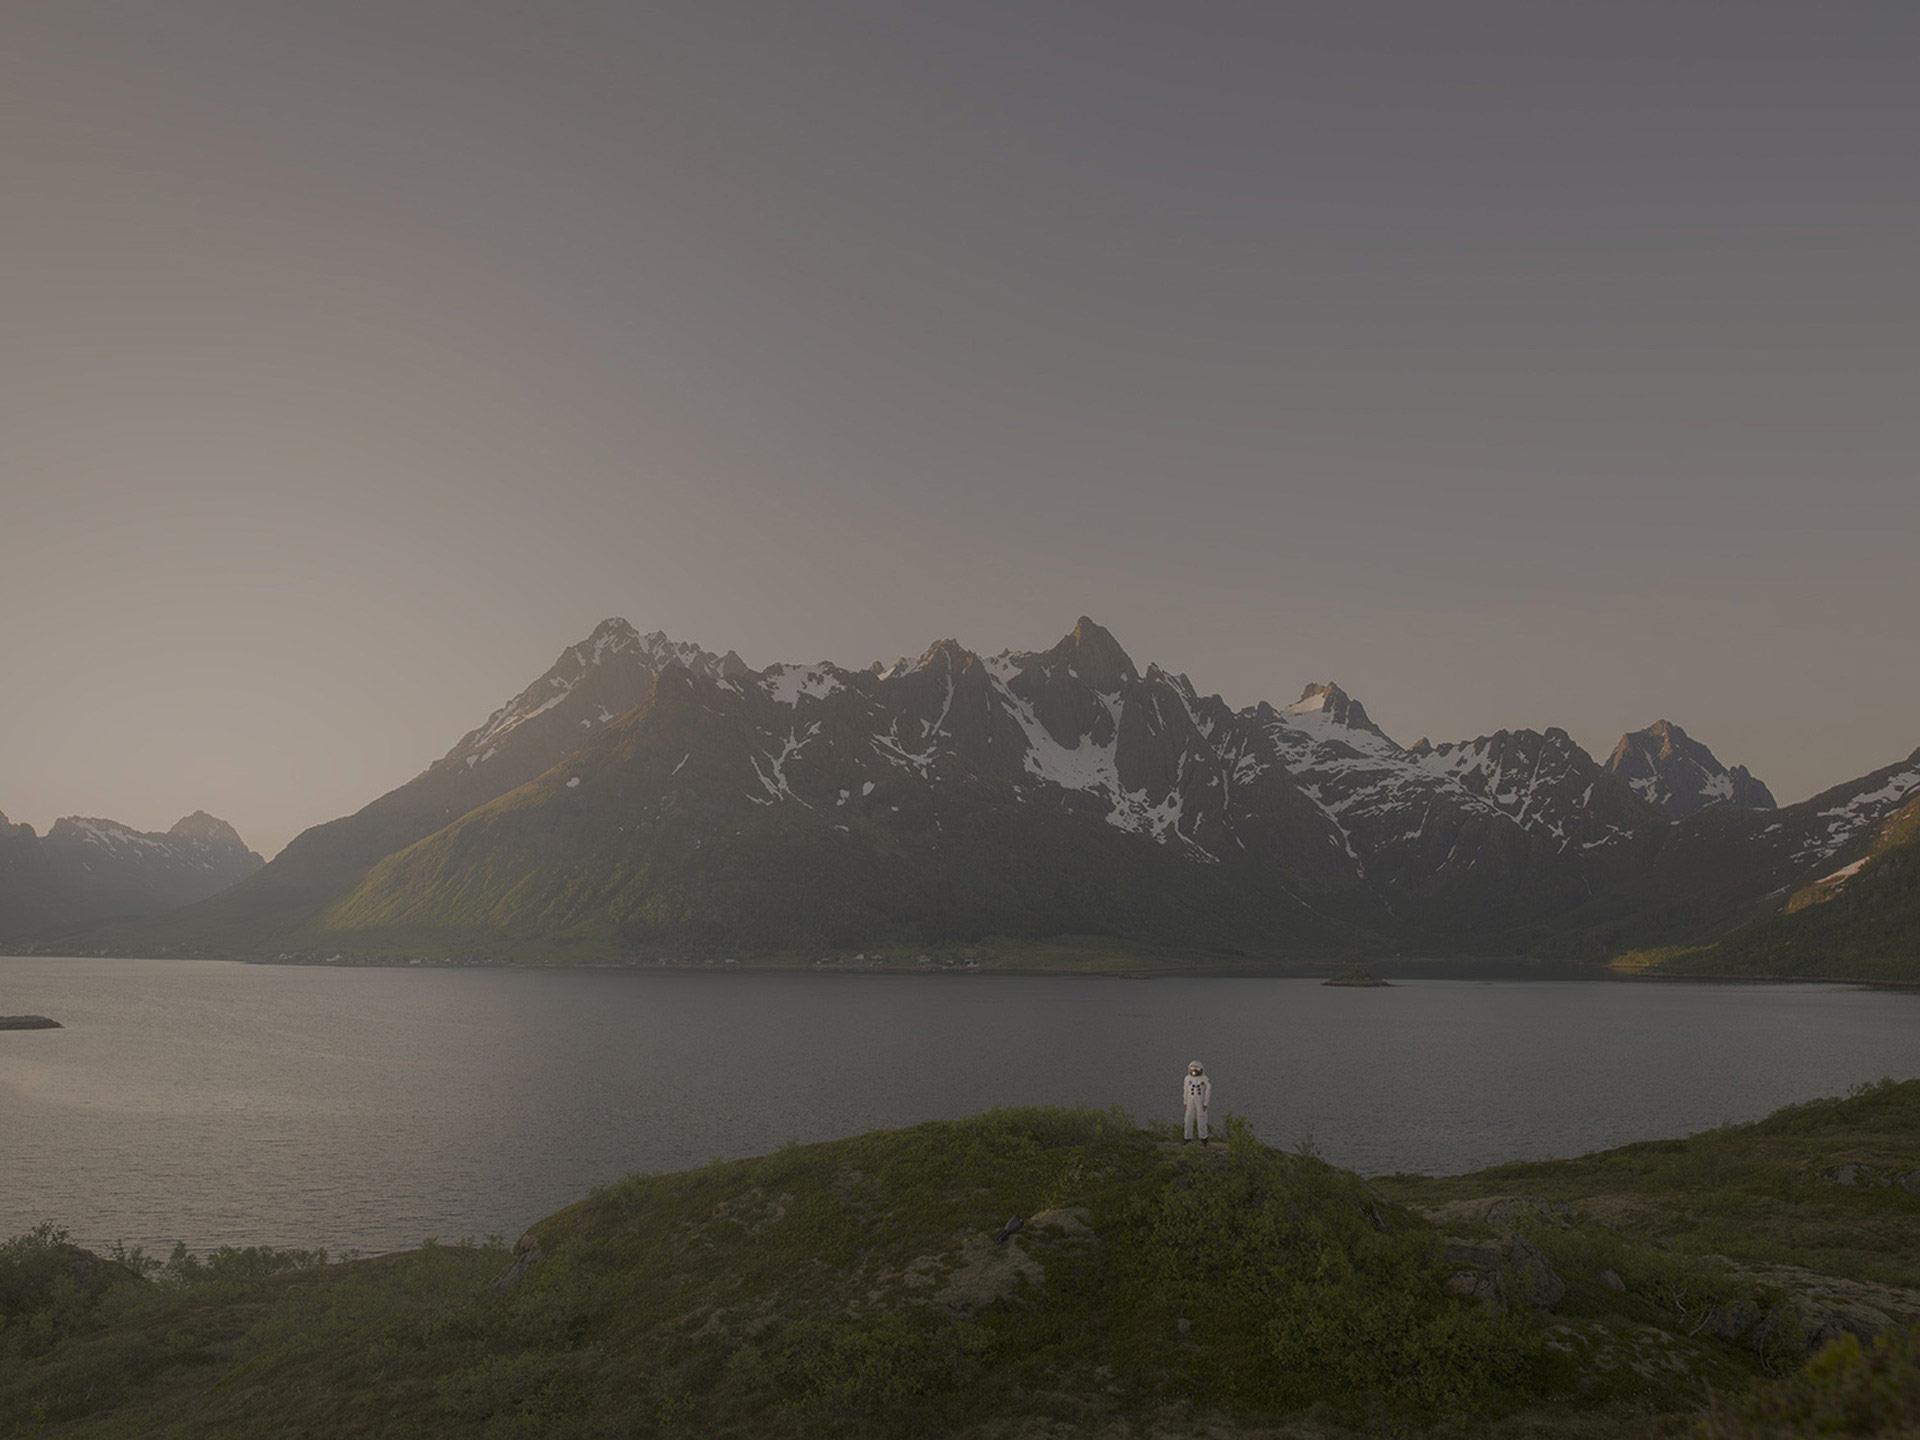 Космические путешествия через Норвегию, © Оле Мариус Йоргенсен, Аскер, Хвальстад, Норвегия, Финалист категории «Фотоистории», профессионал, Фотоконкурс экстремальных путешествий «Мир в фокусе» — World In Focus